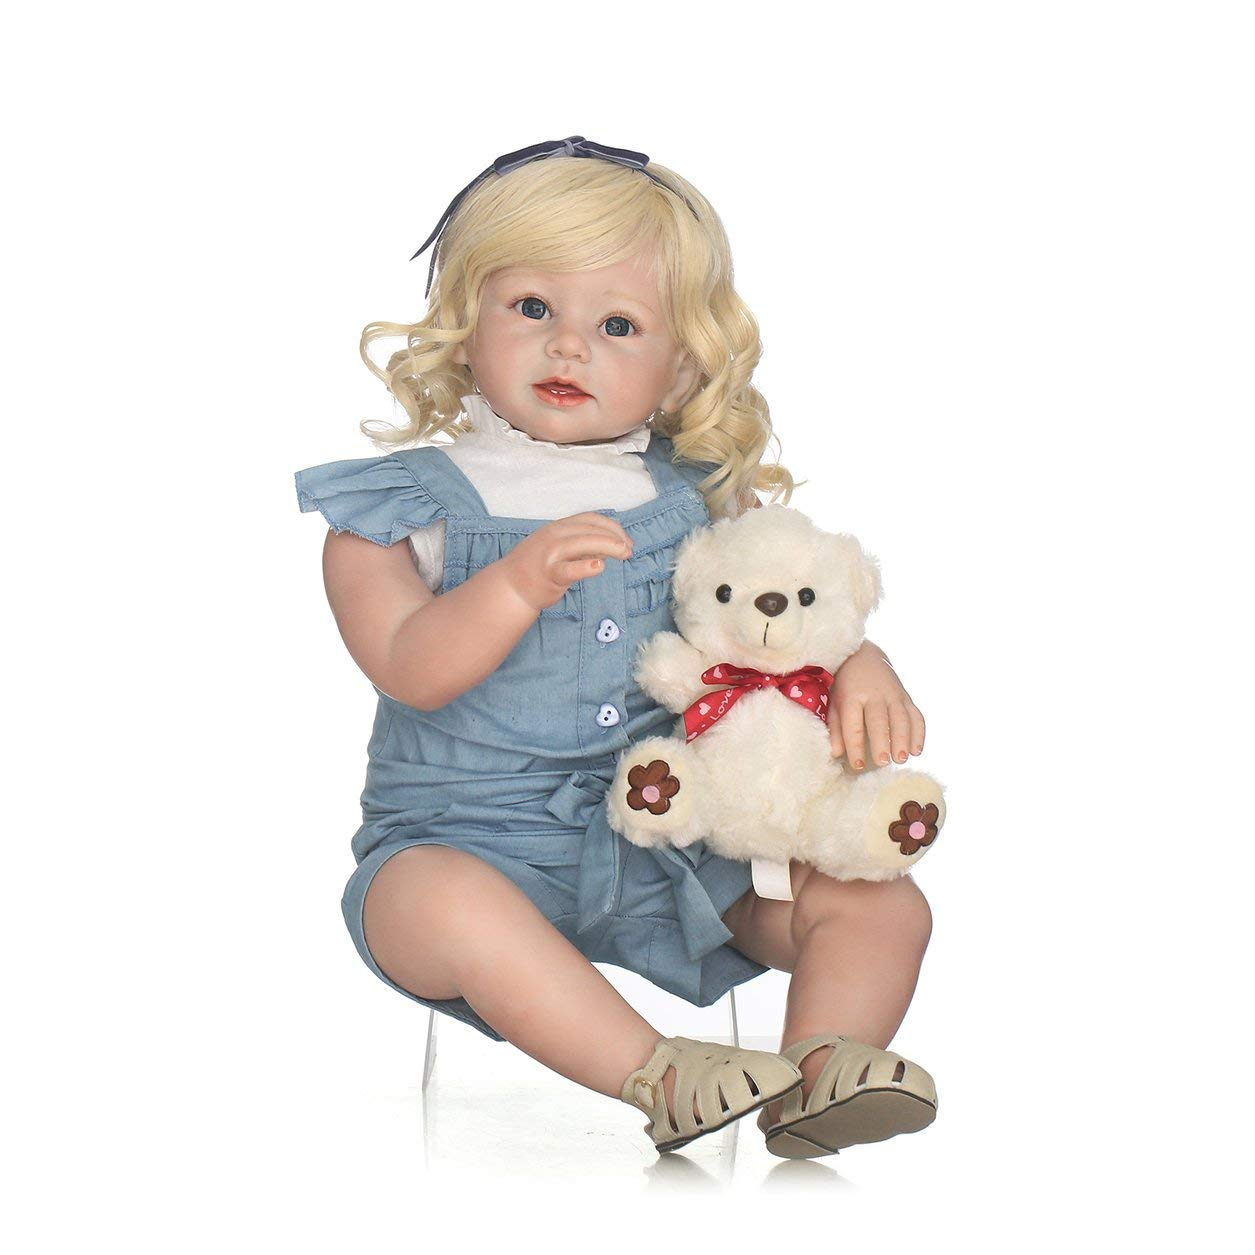 buena reputación Dailyinshop Dailyinshop Dailyinshop 28 Pulgadas de Cuerpo Completo de Silicona Suave Vinilo muñeca de Seguro no tóxico Juguetes Hechos a Mano Adorable realistas niño recién Nacido del bebé Juguetes de la muñeca  precios mas bajos